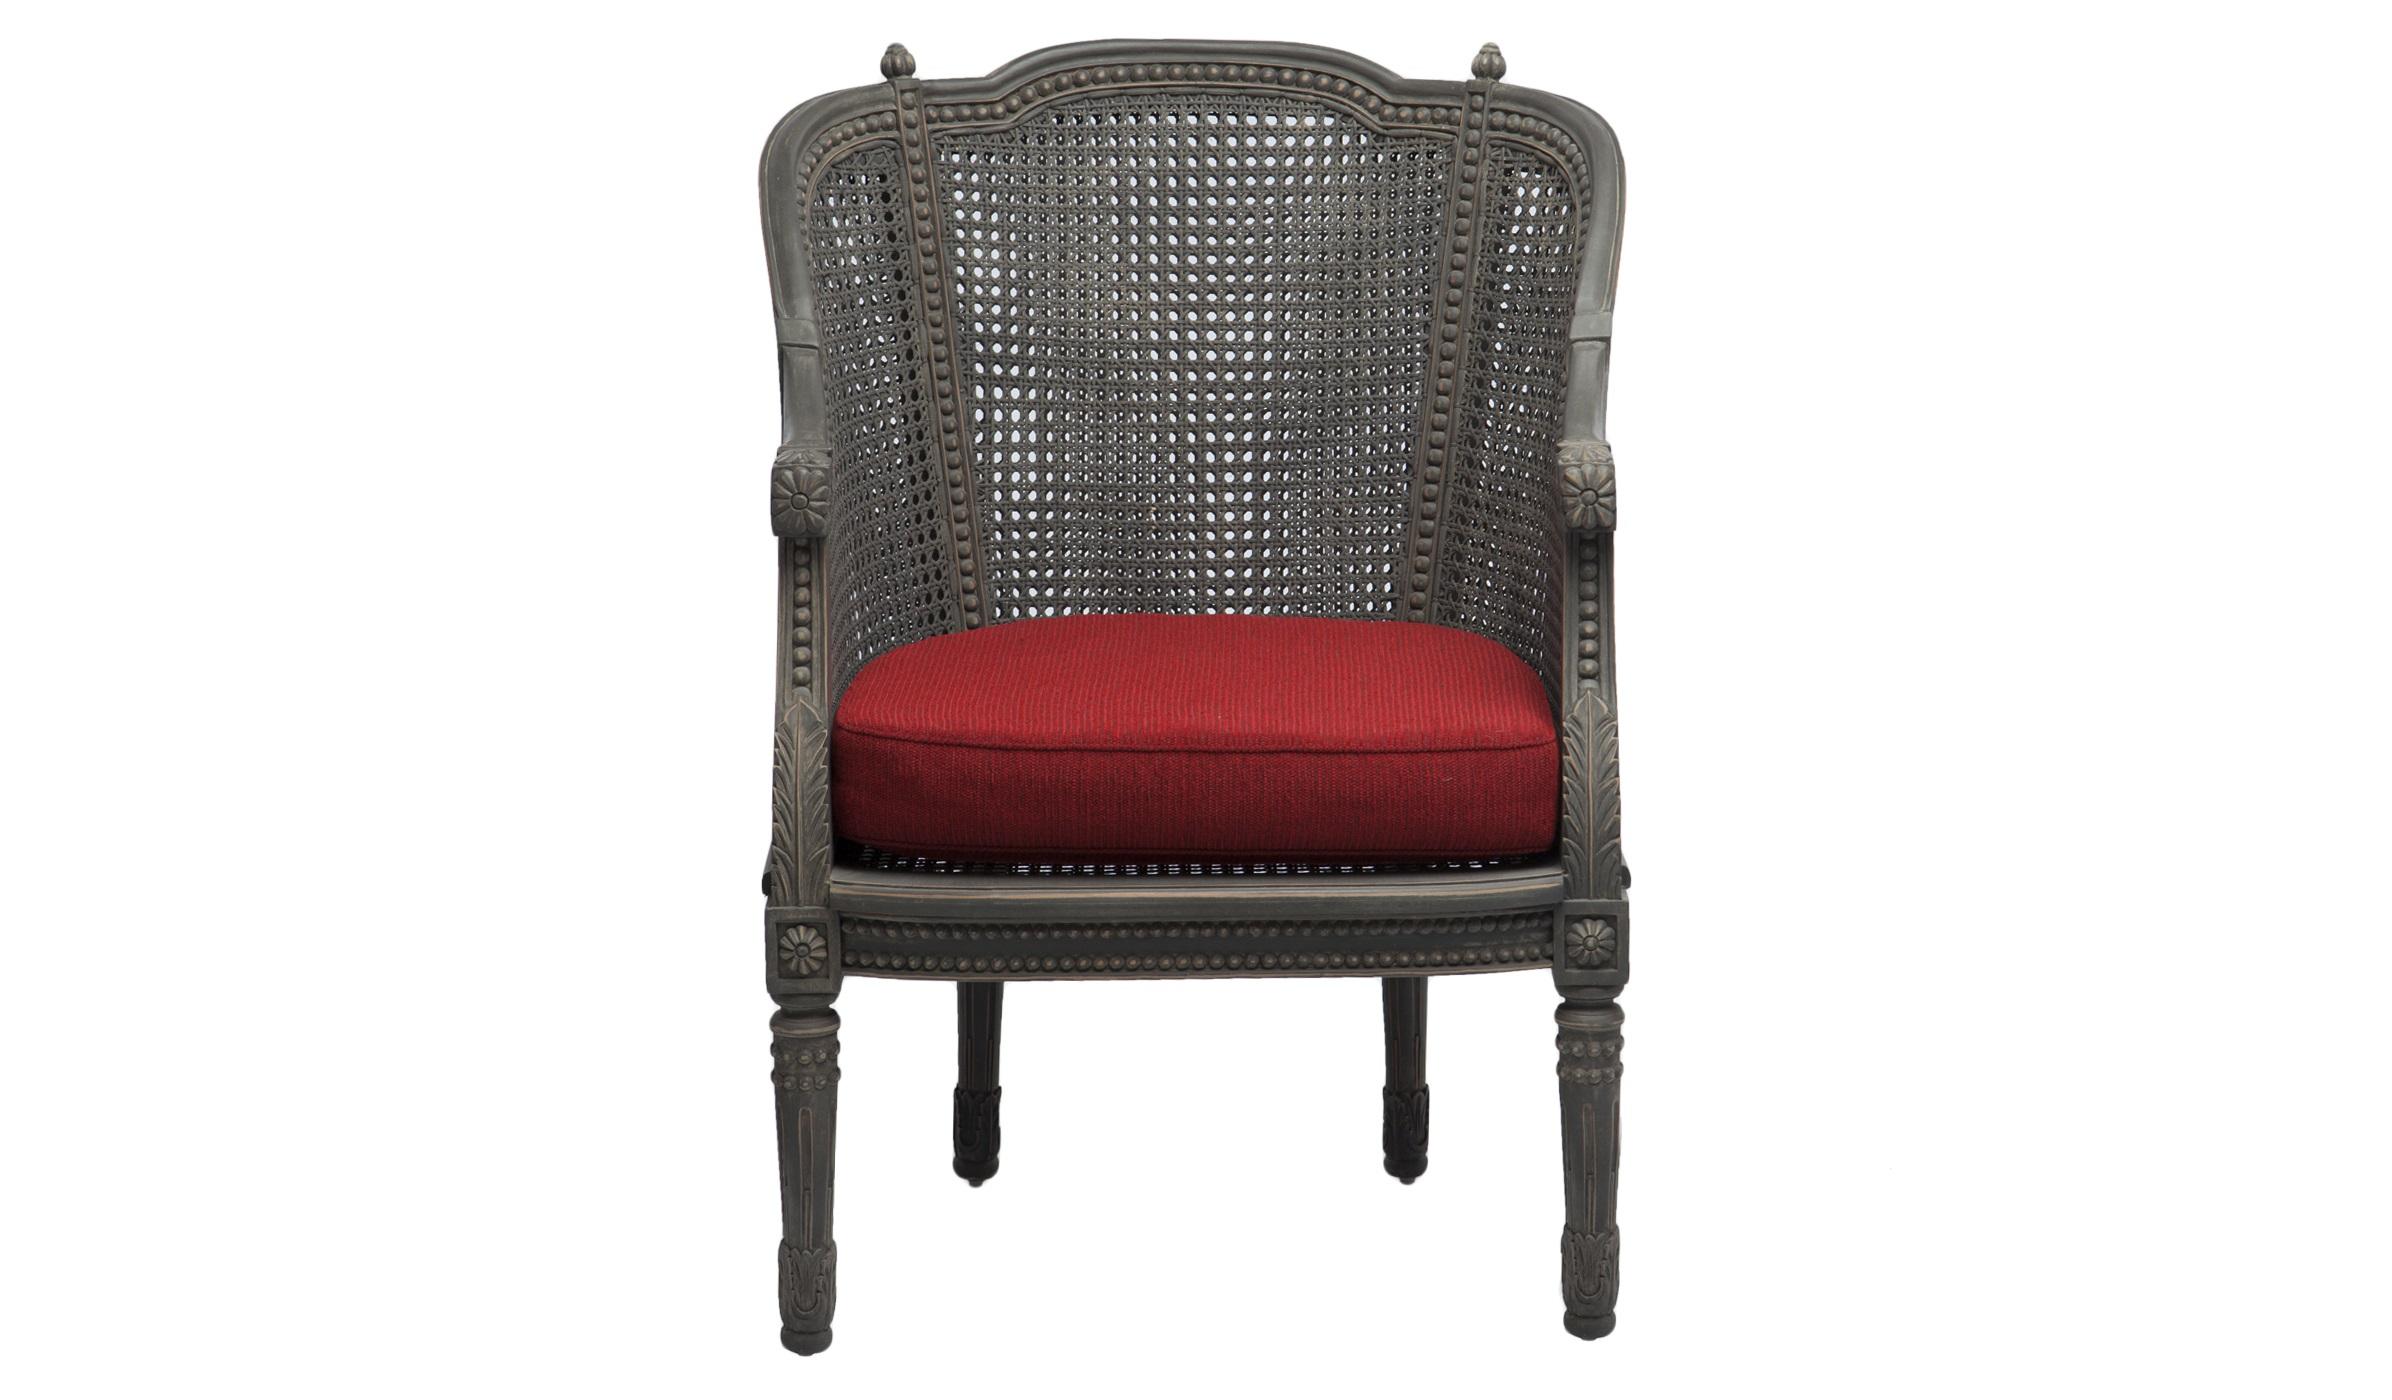 КреслоИнтерьерные кресла<br>Кресло из дерева махагони со спинкой из ротанга, украшено резьбой ручной работы и старением. Сиденье со съемным чехлом.<br><br>Material: Красное дерево<br>Width см: 64<br>Depth см: 53<br>Height см: 90